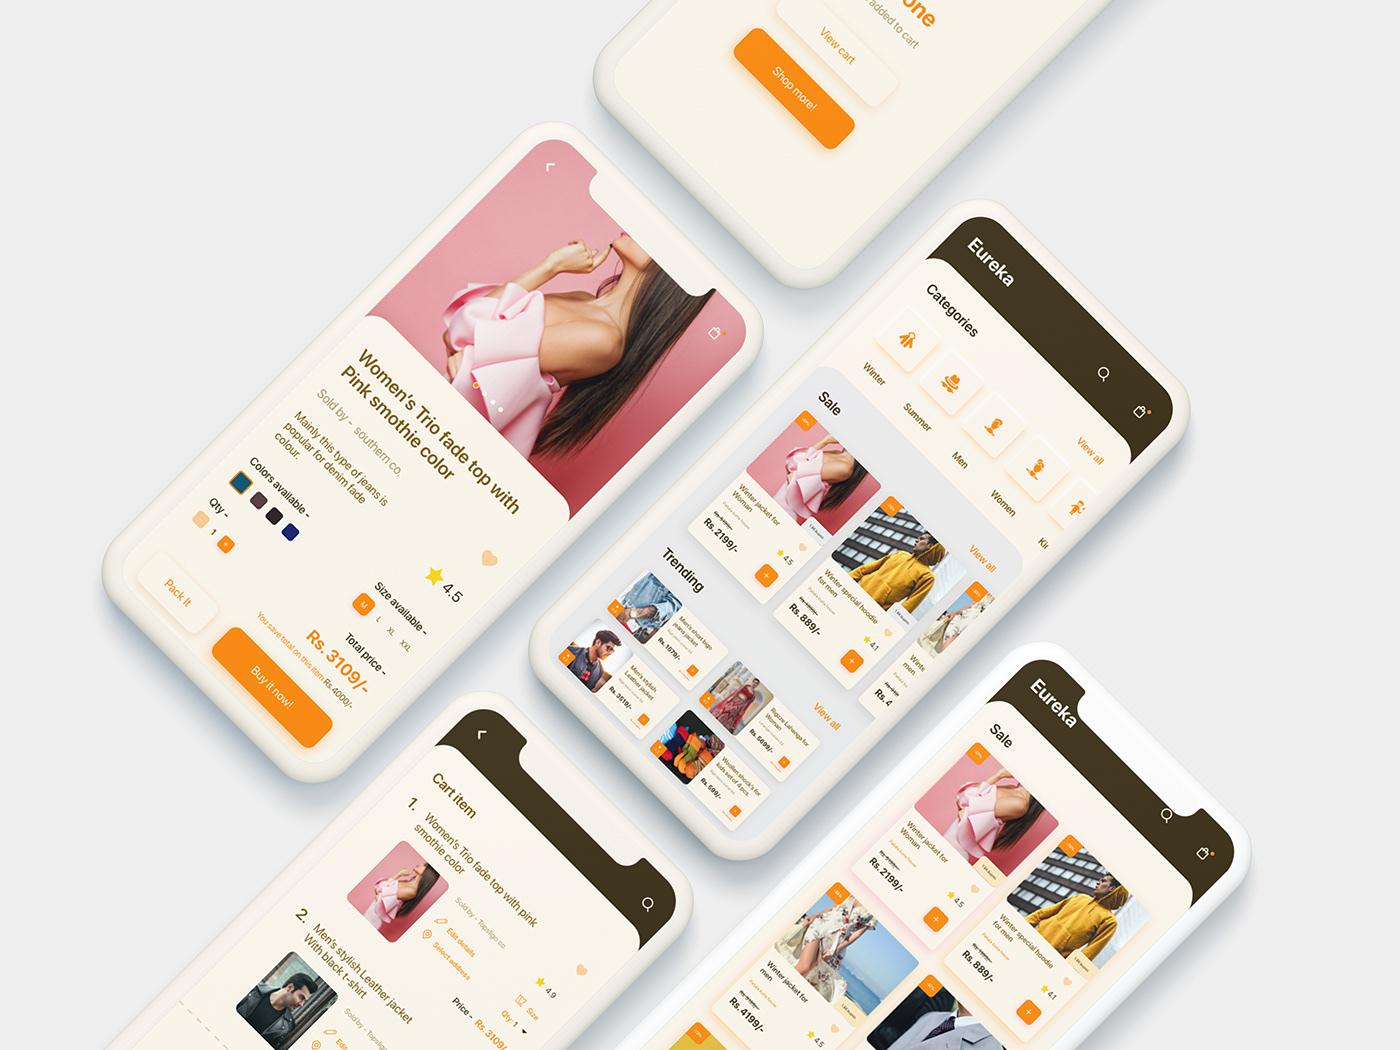 app design app ui design designer Ecommerce Logo Designs Uidesigns uxdesigns webdesigns Webdevelopment